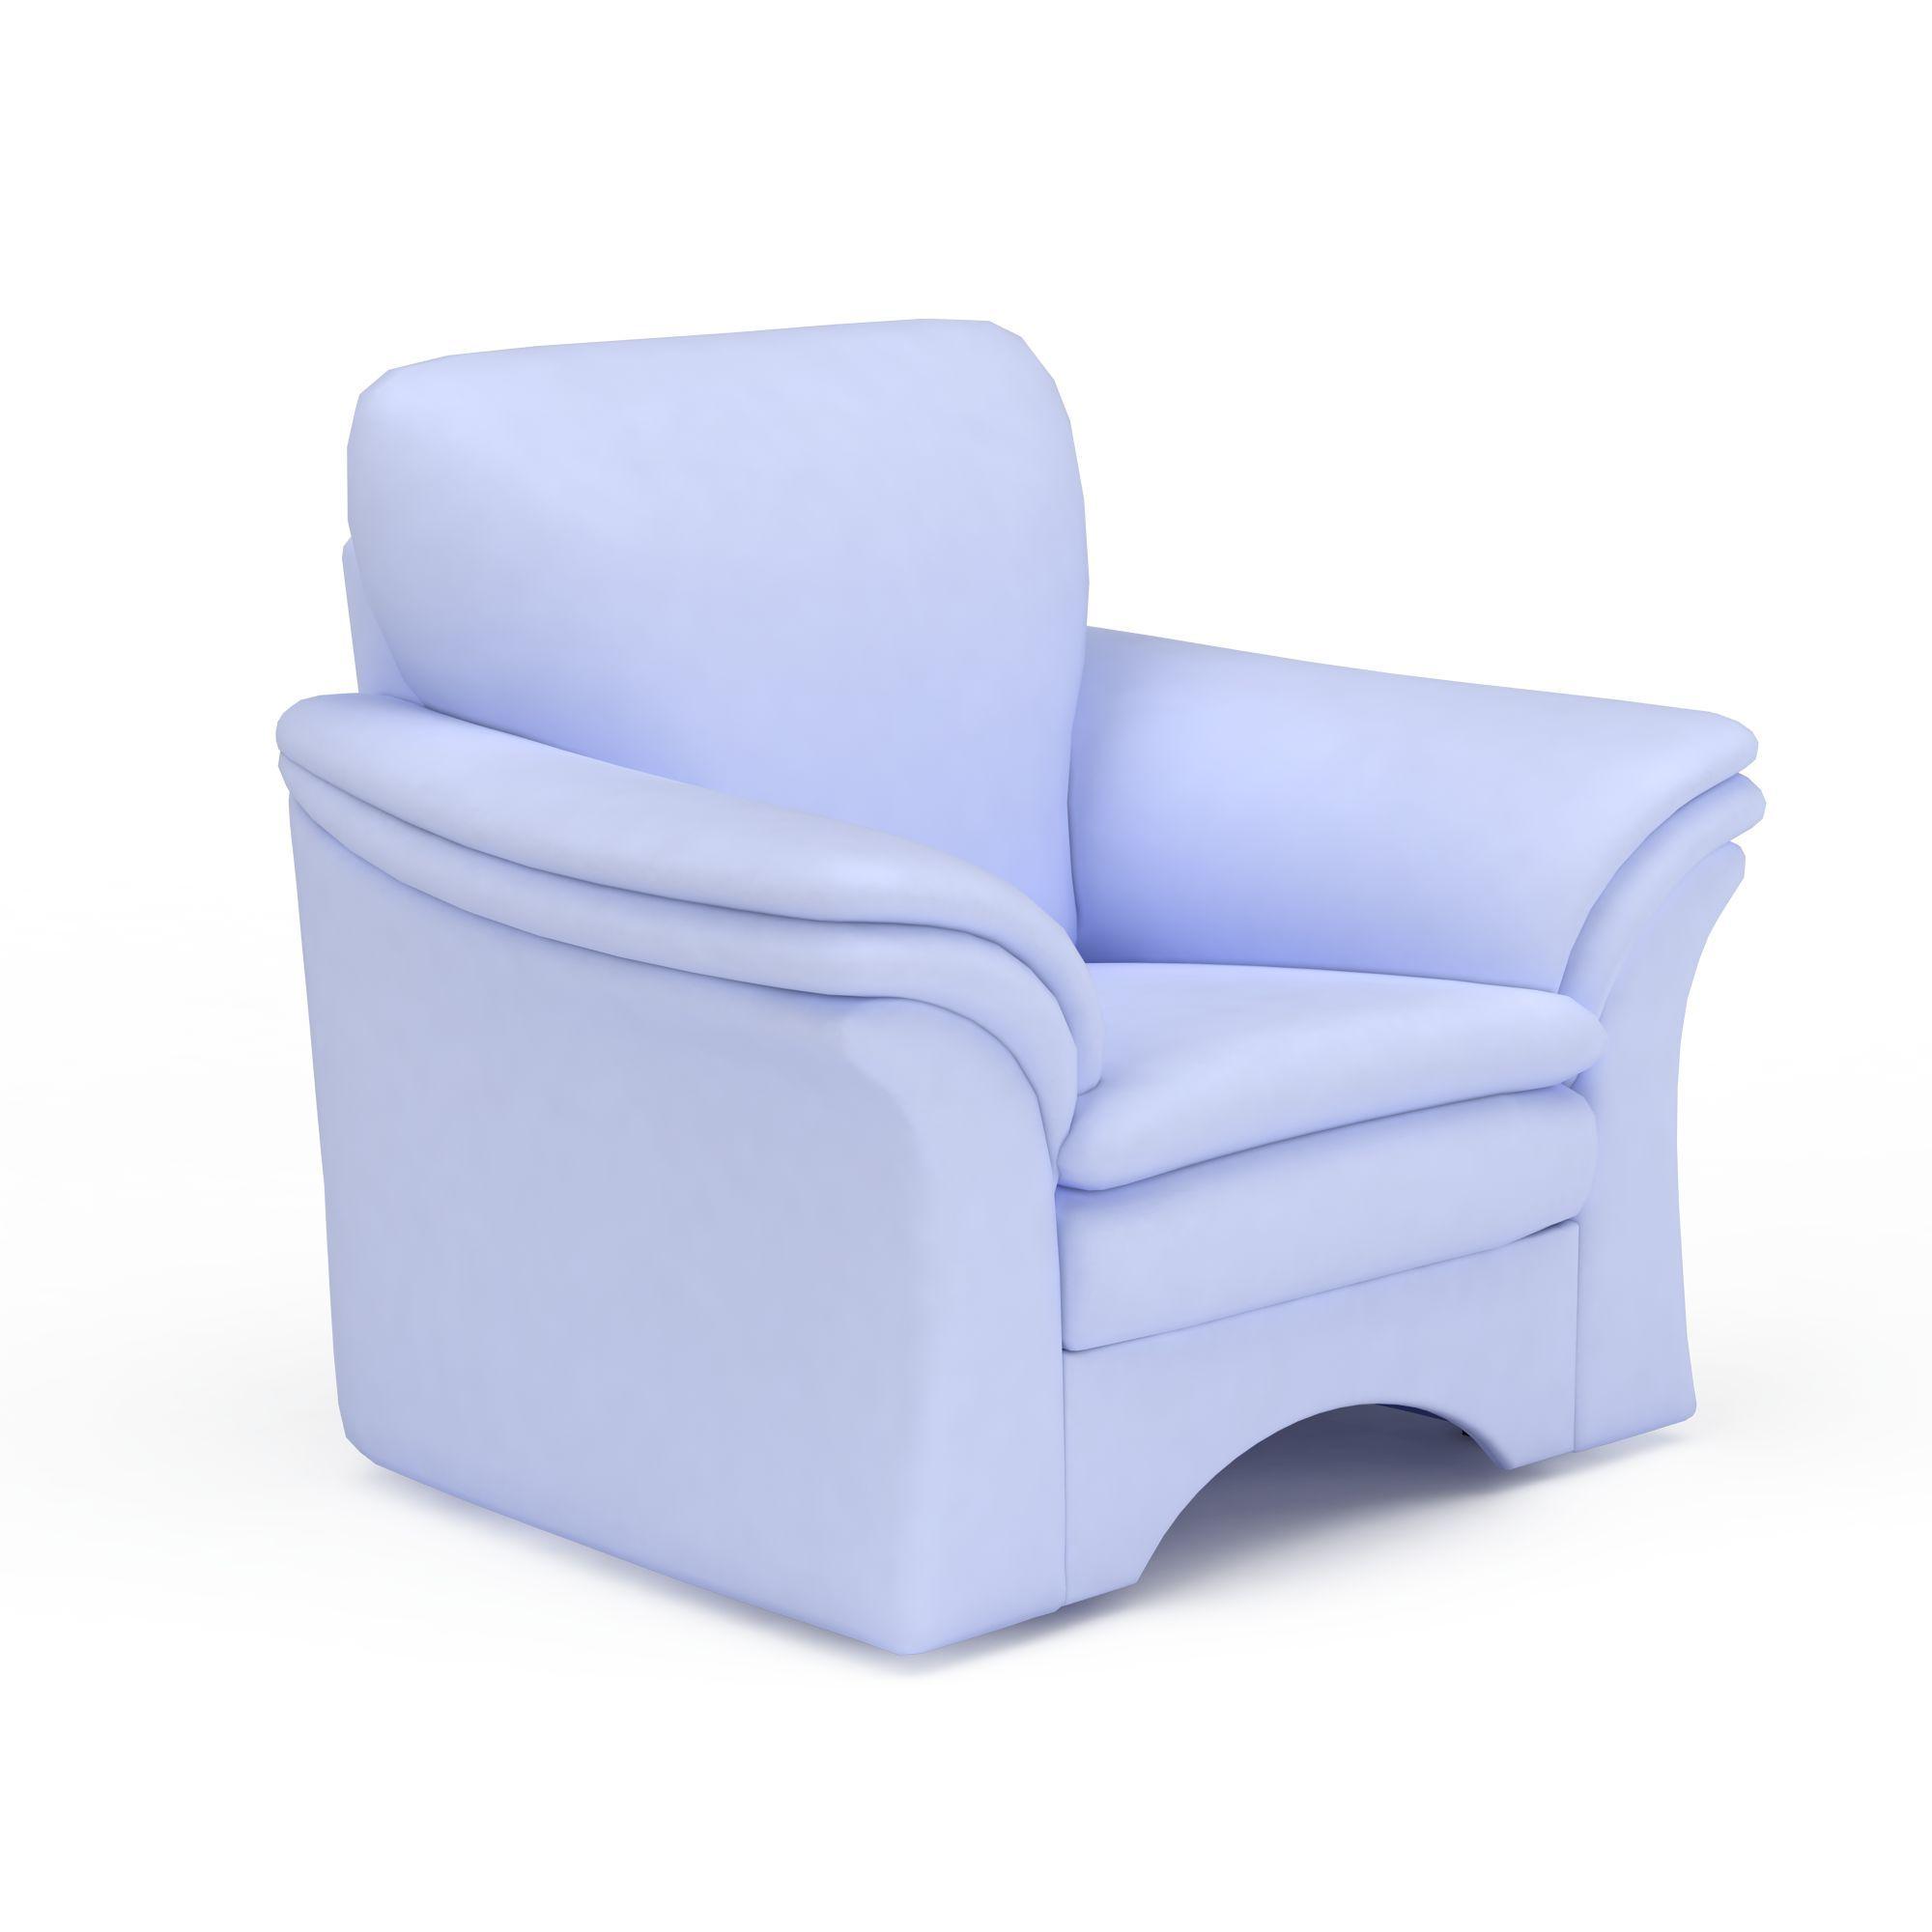 简约单人沙发图片_简约单人沙发png图片素材_简约单人